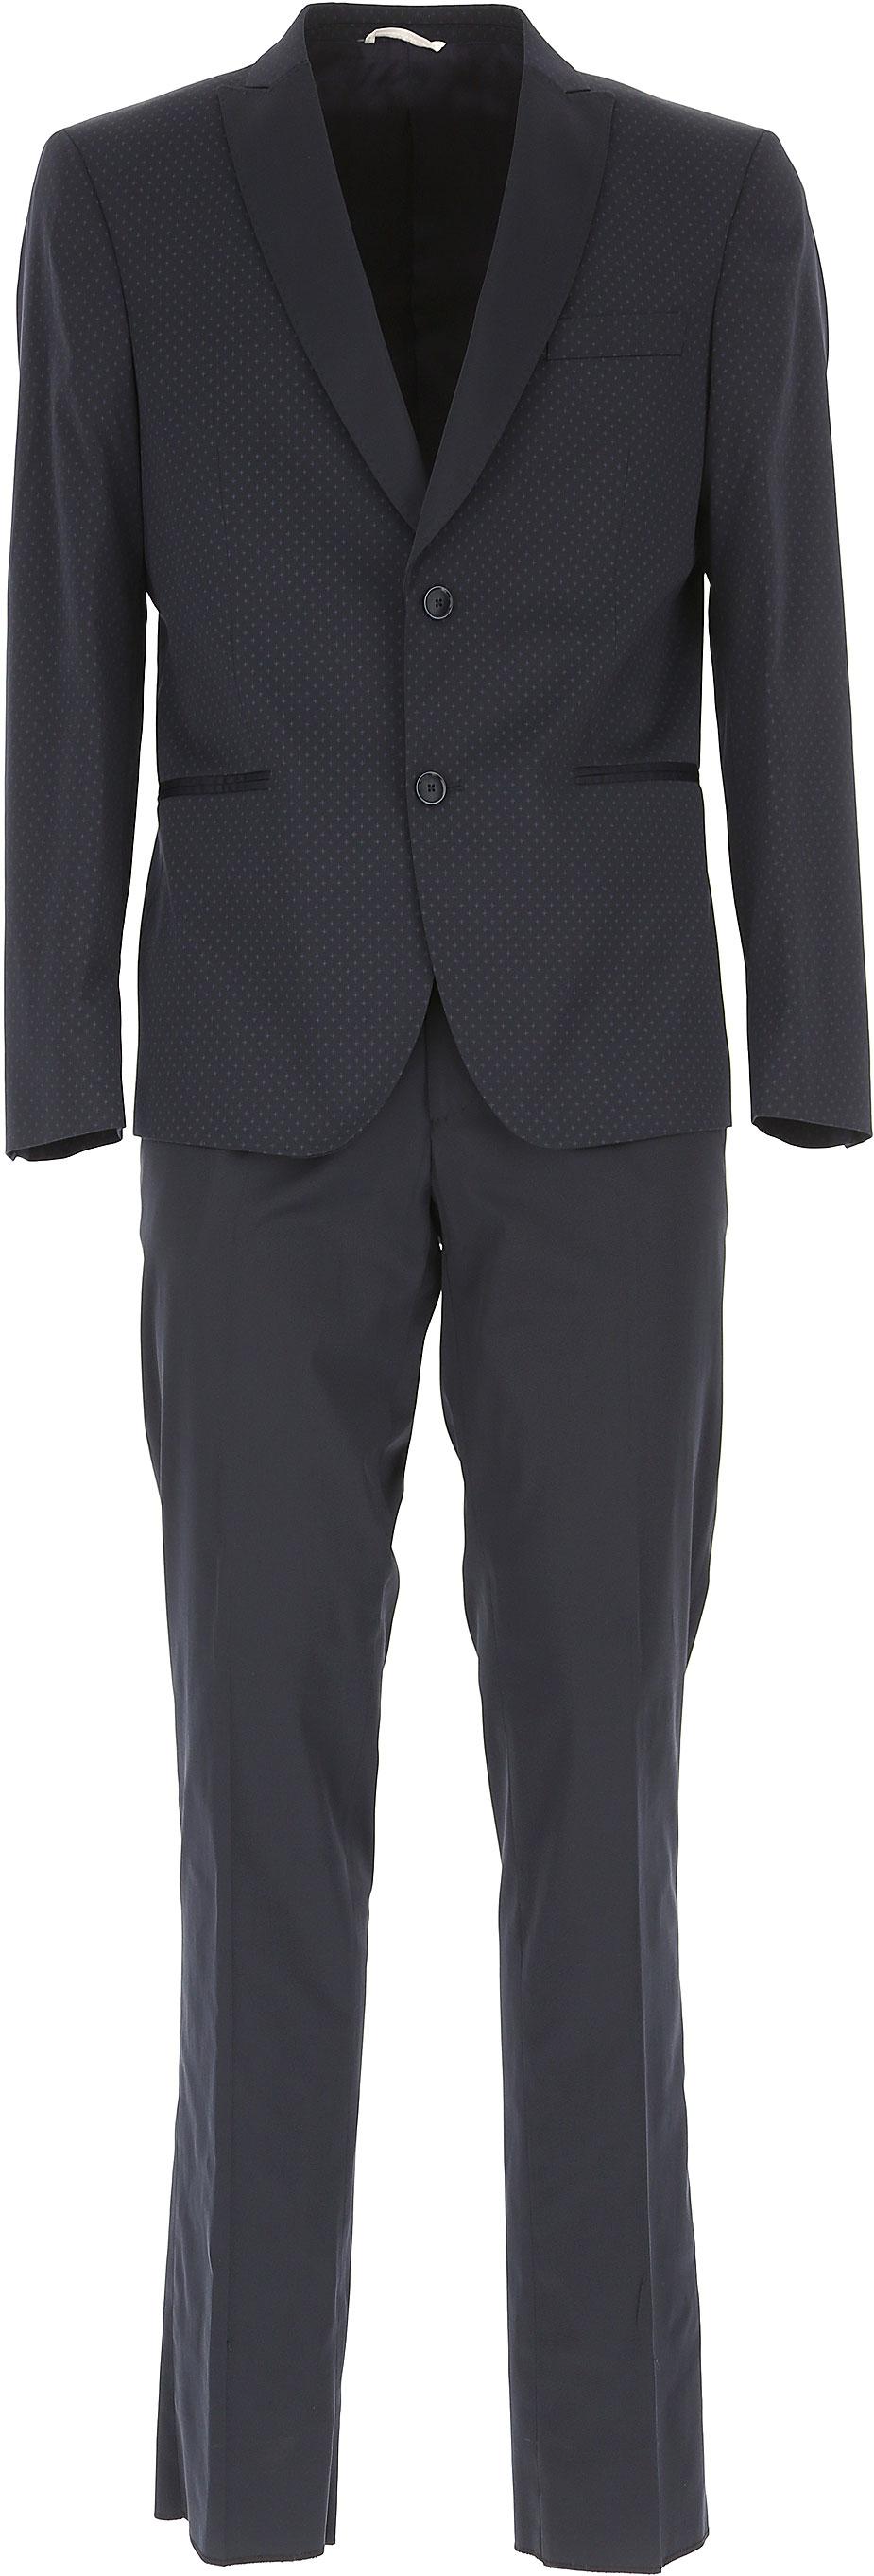 Abbigliamento Uomo Simbols , Codice Articolo: a10860u-t4189-080